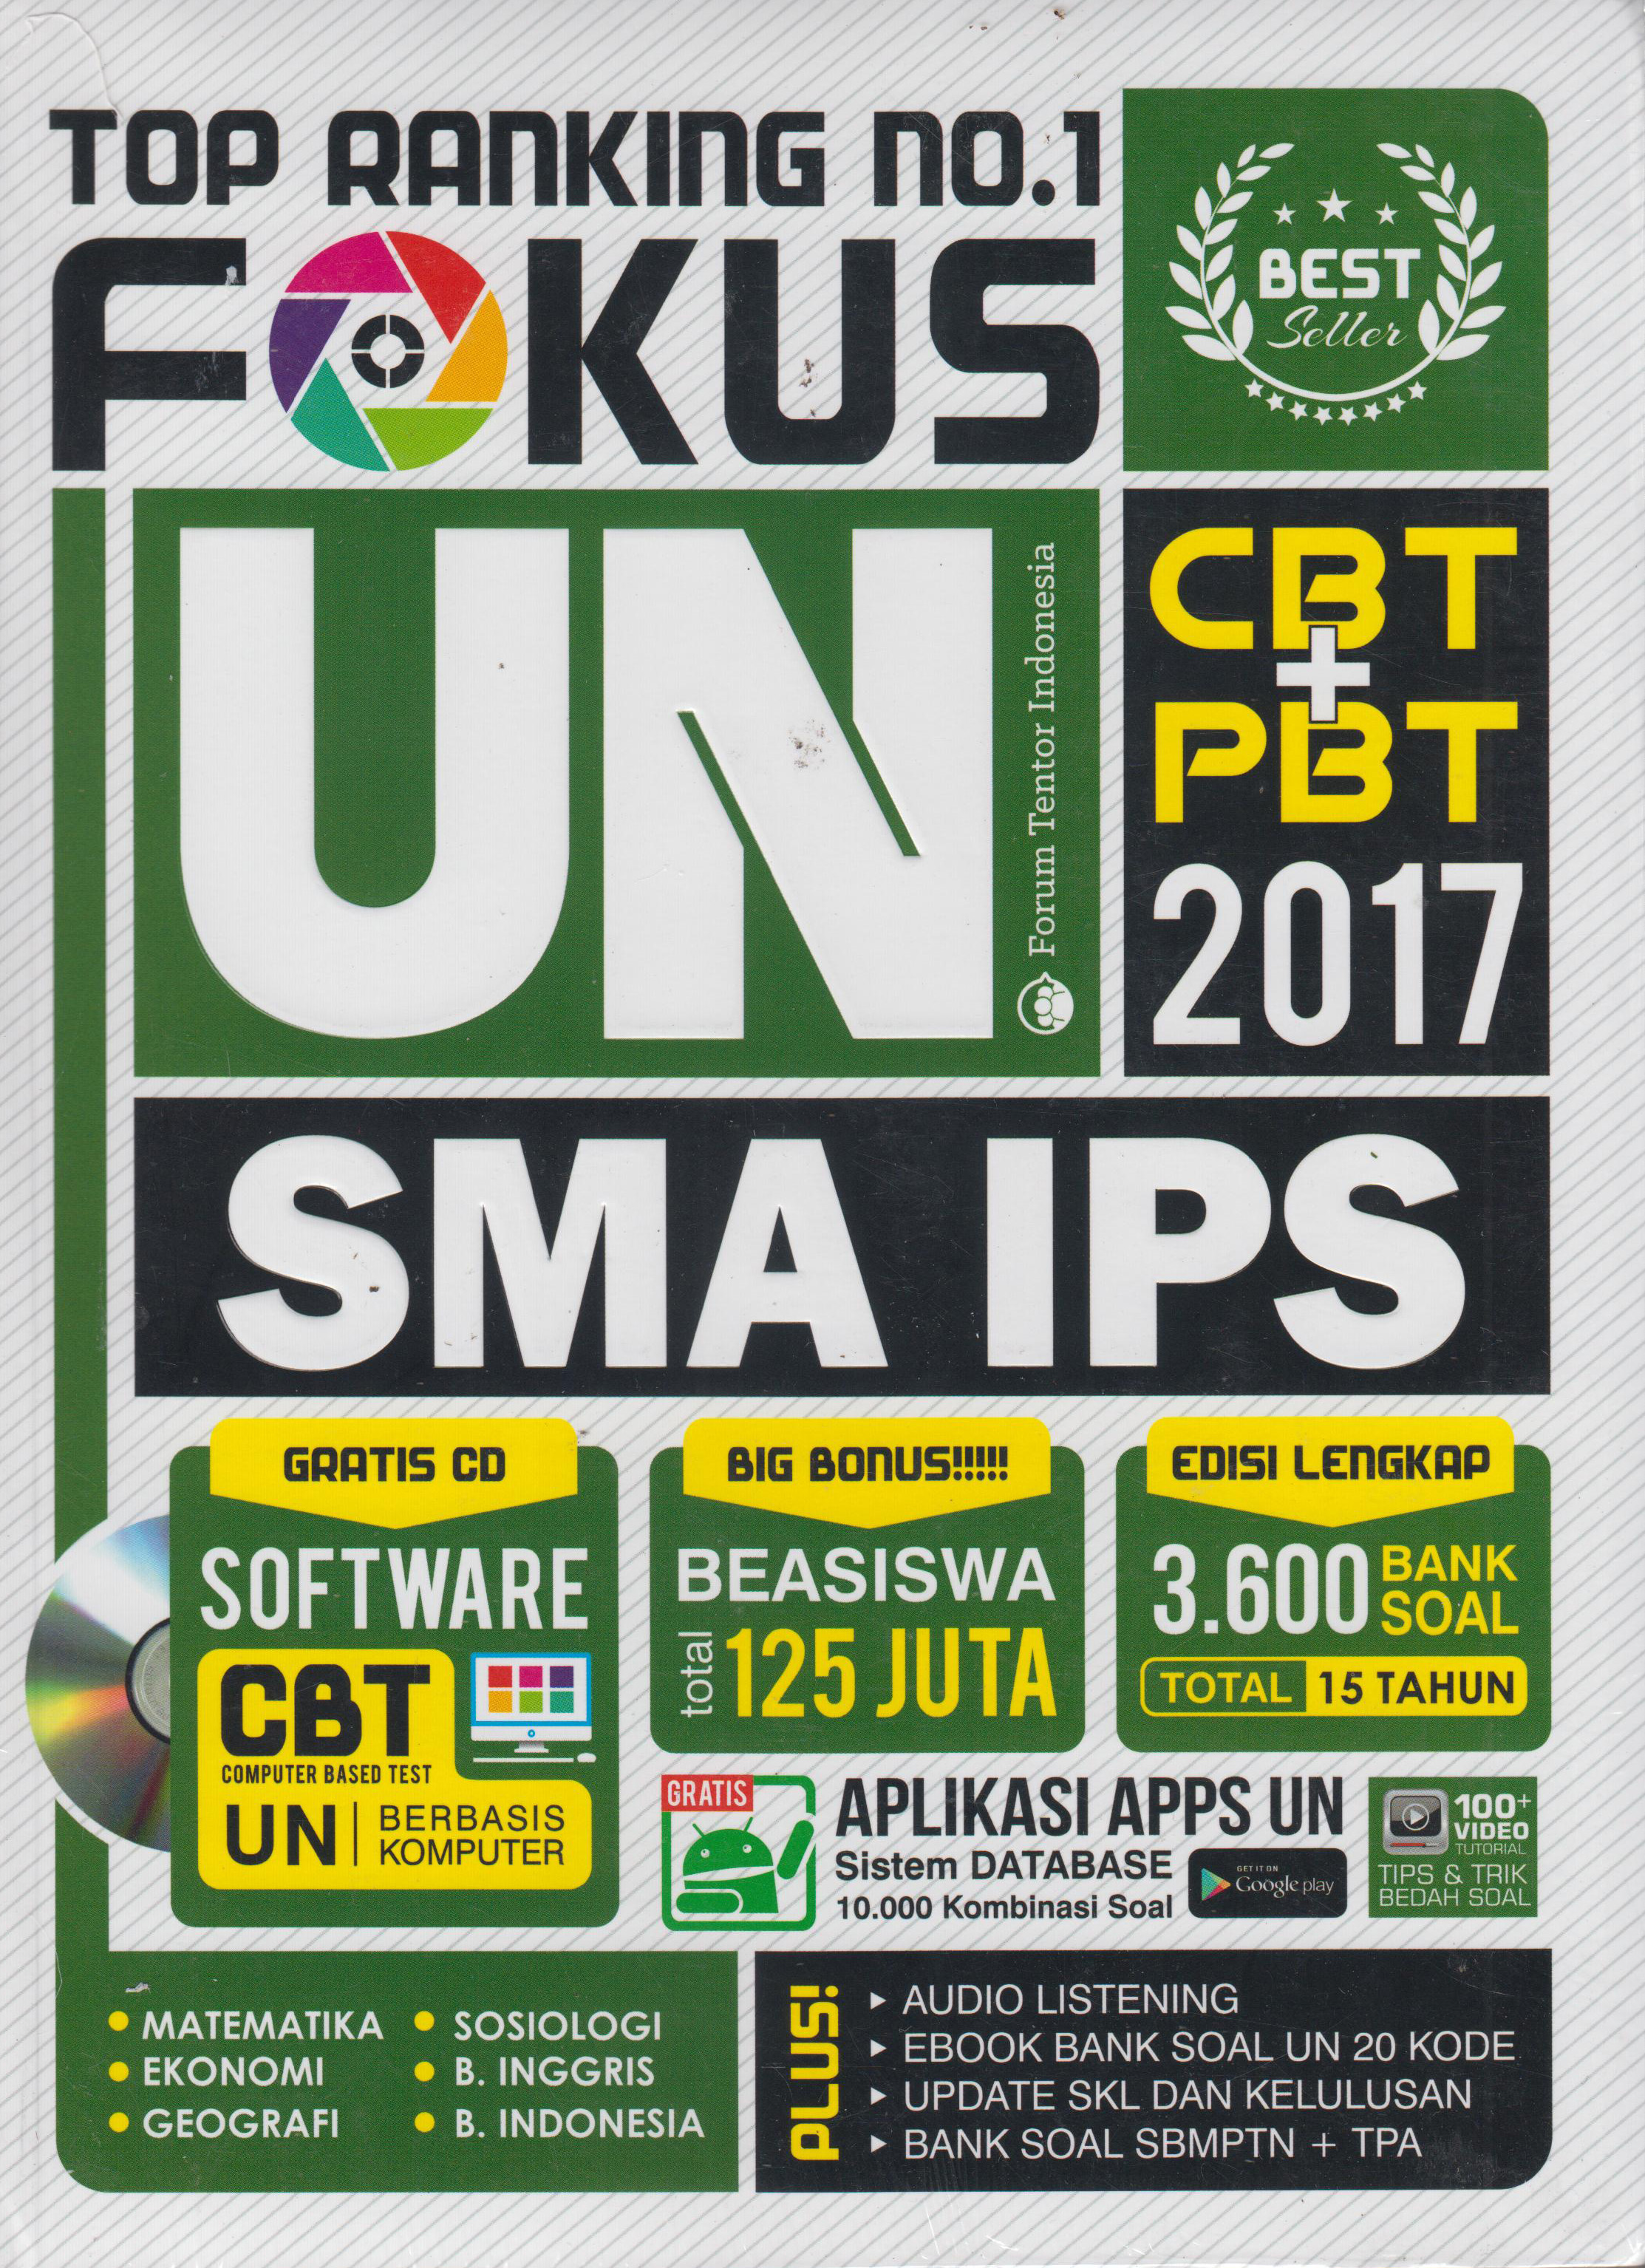 FOKUS UN SMA IPS 2017: TOP RANKING NO 1 en